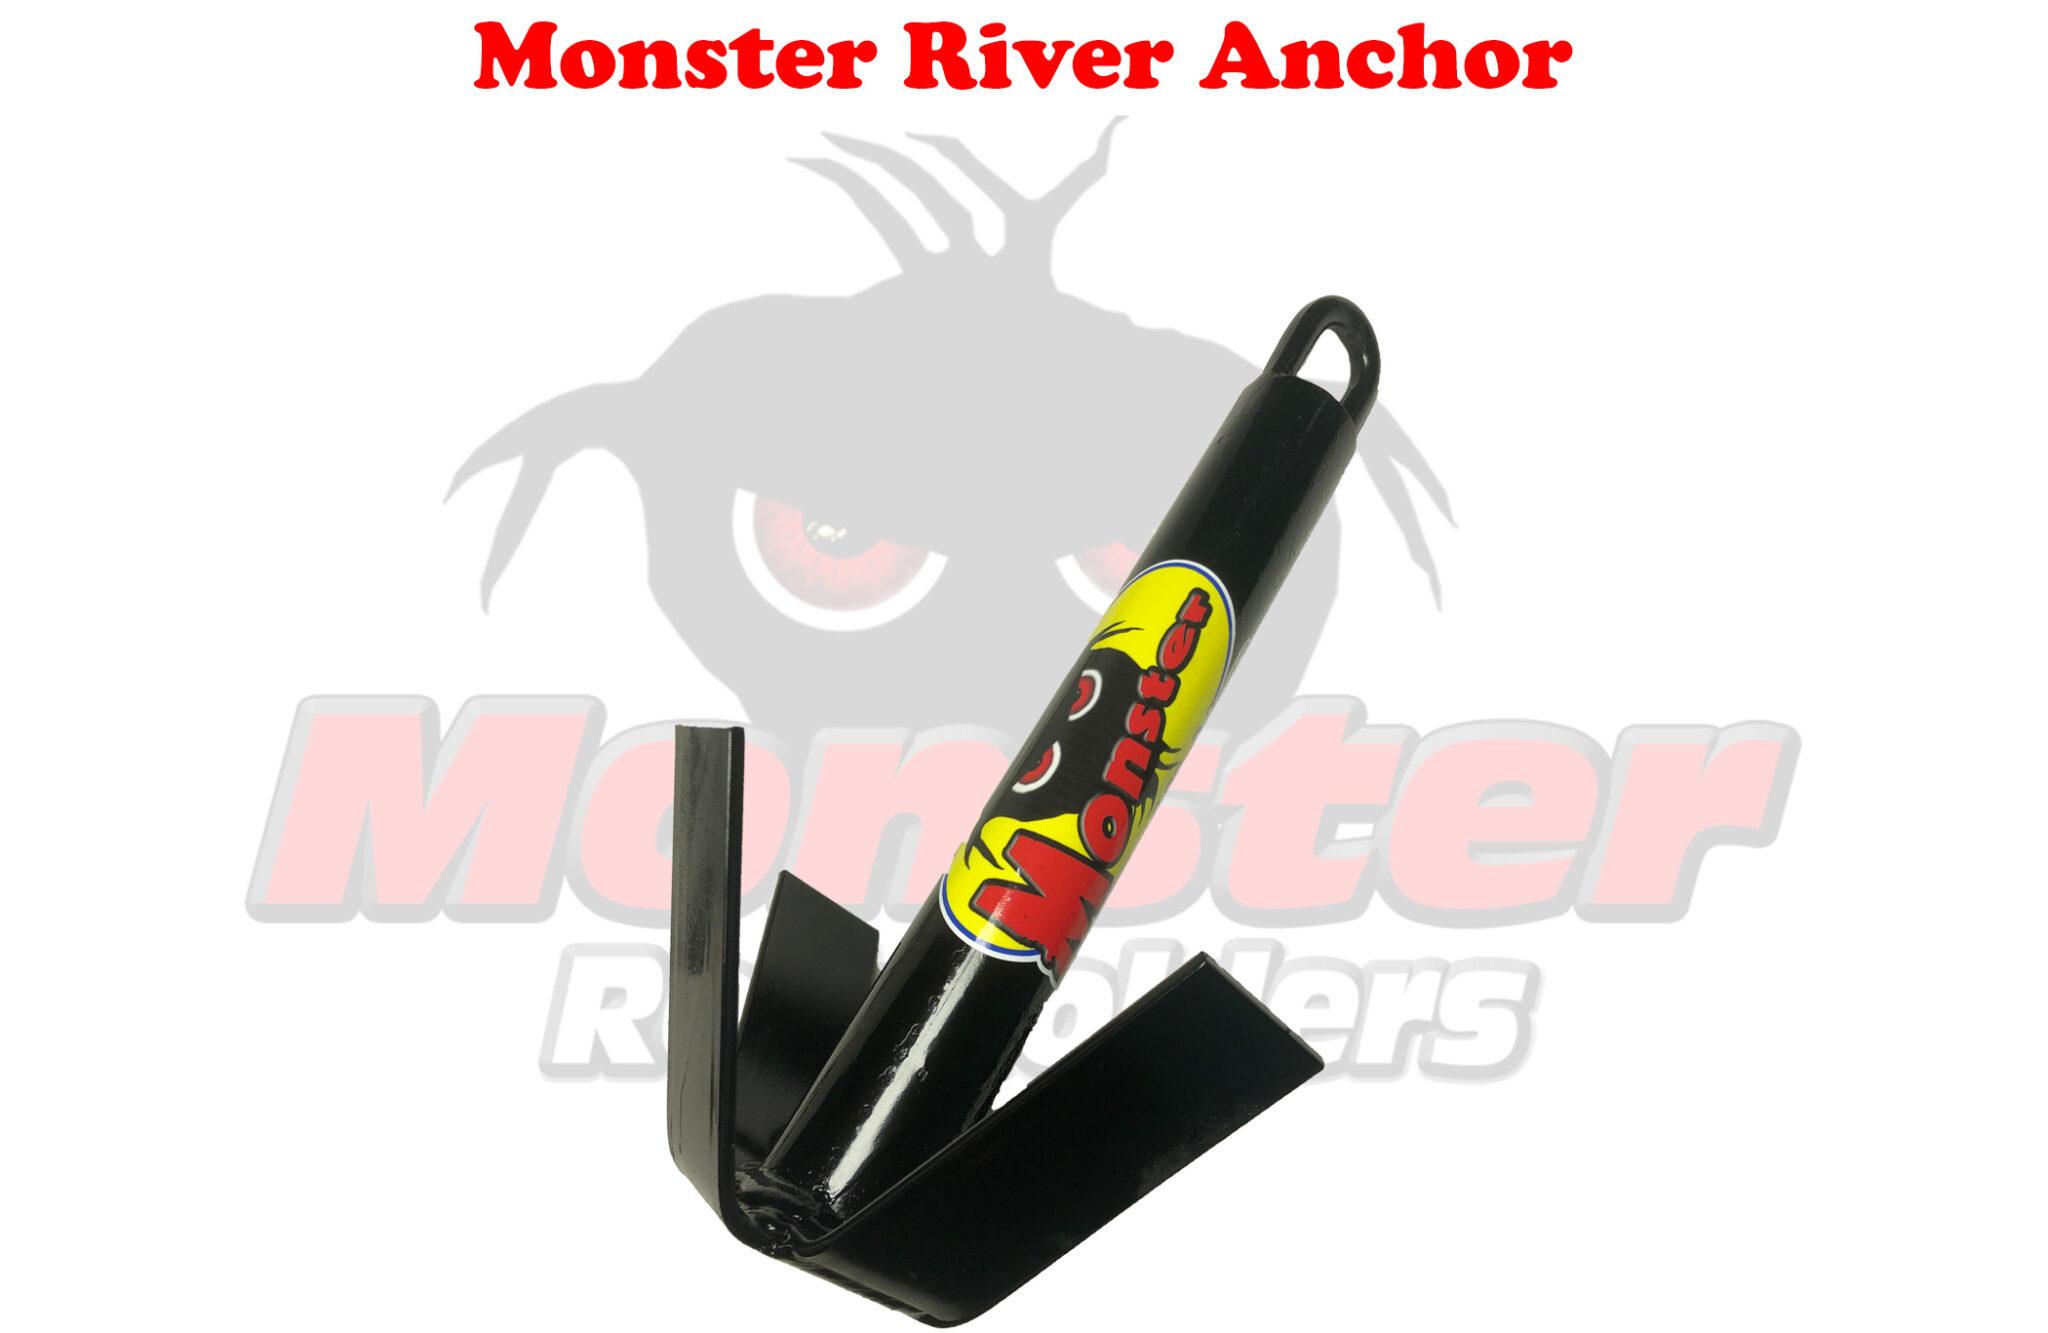 Monster River Anchor